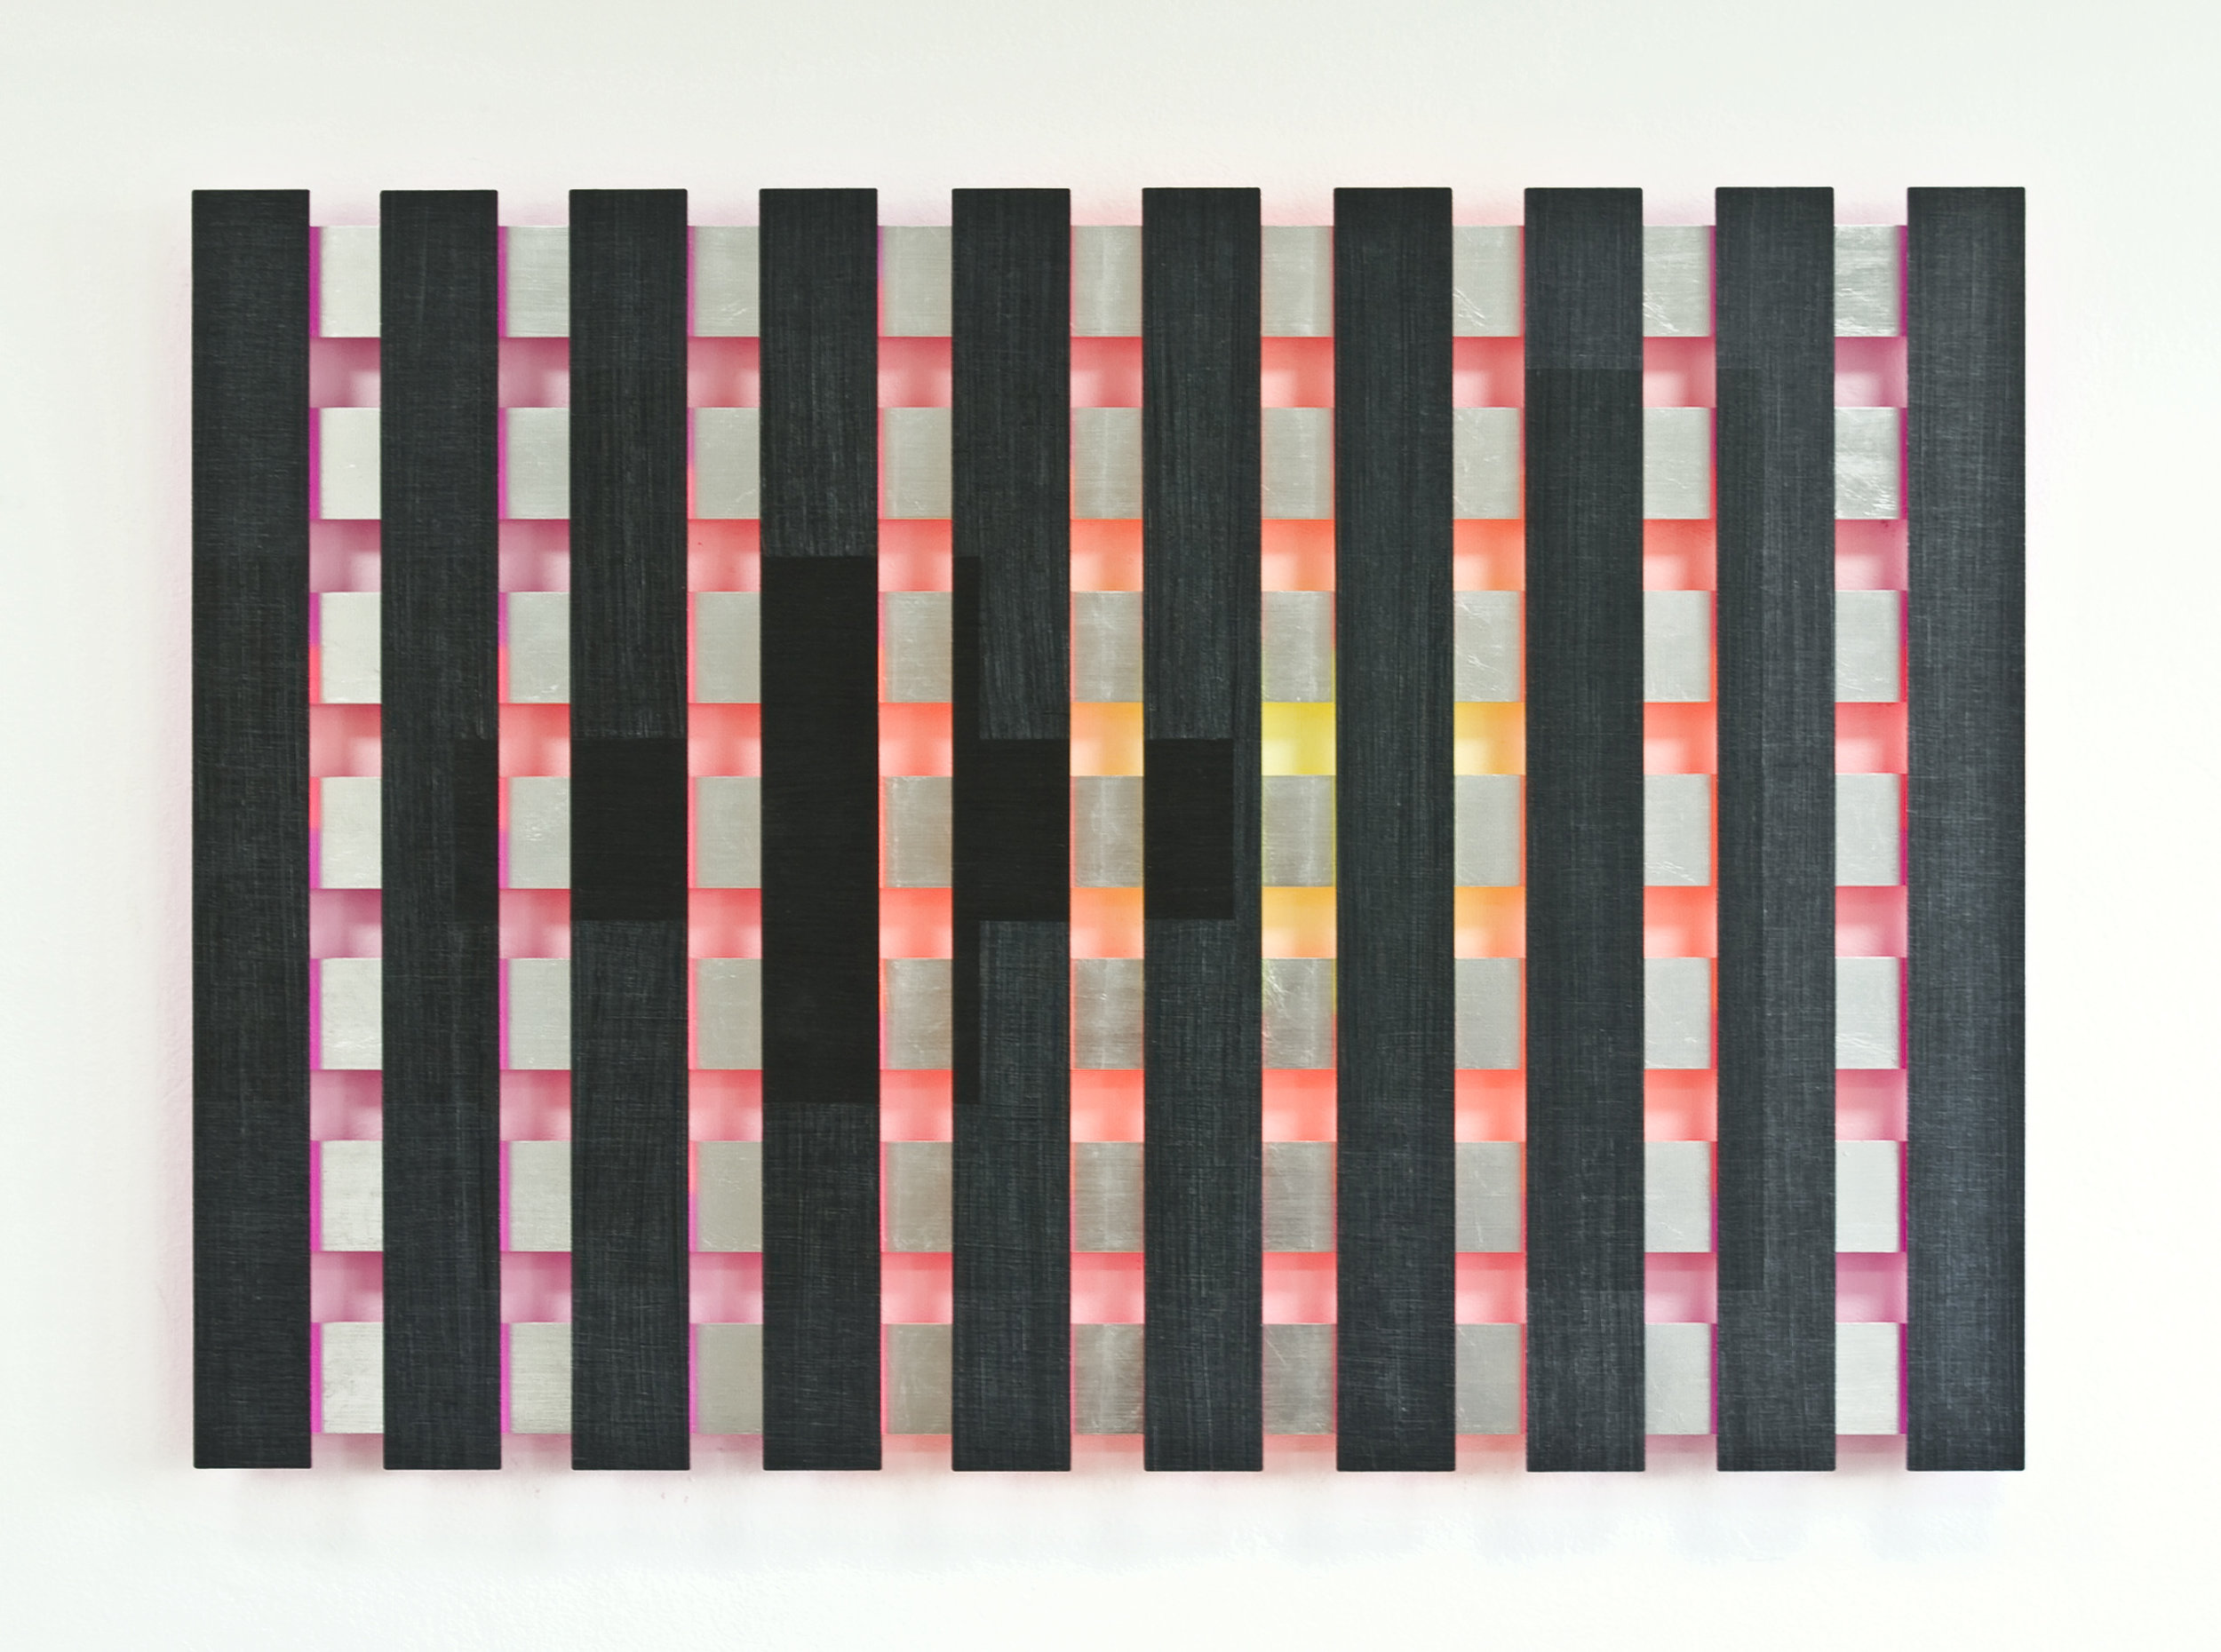 akril, les, 83 x 125 cm, 2009